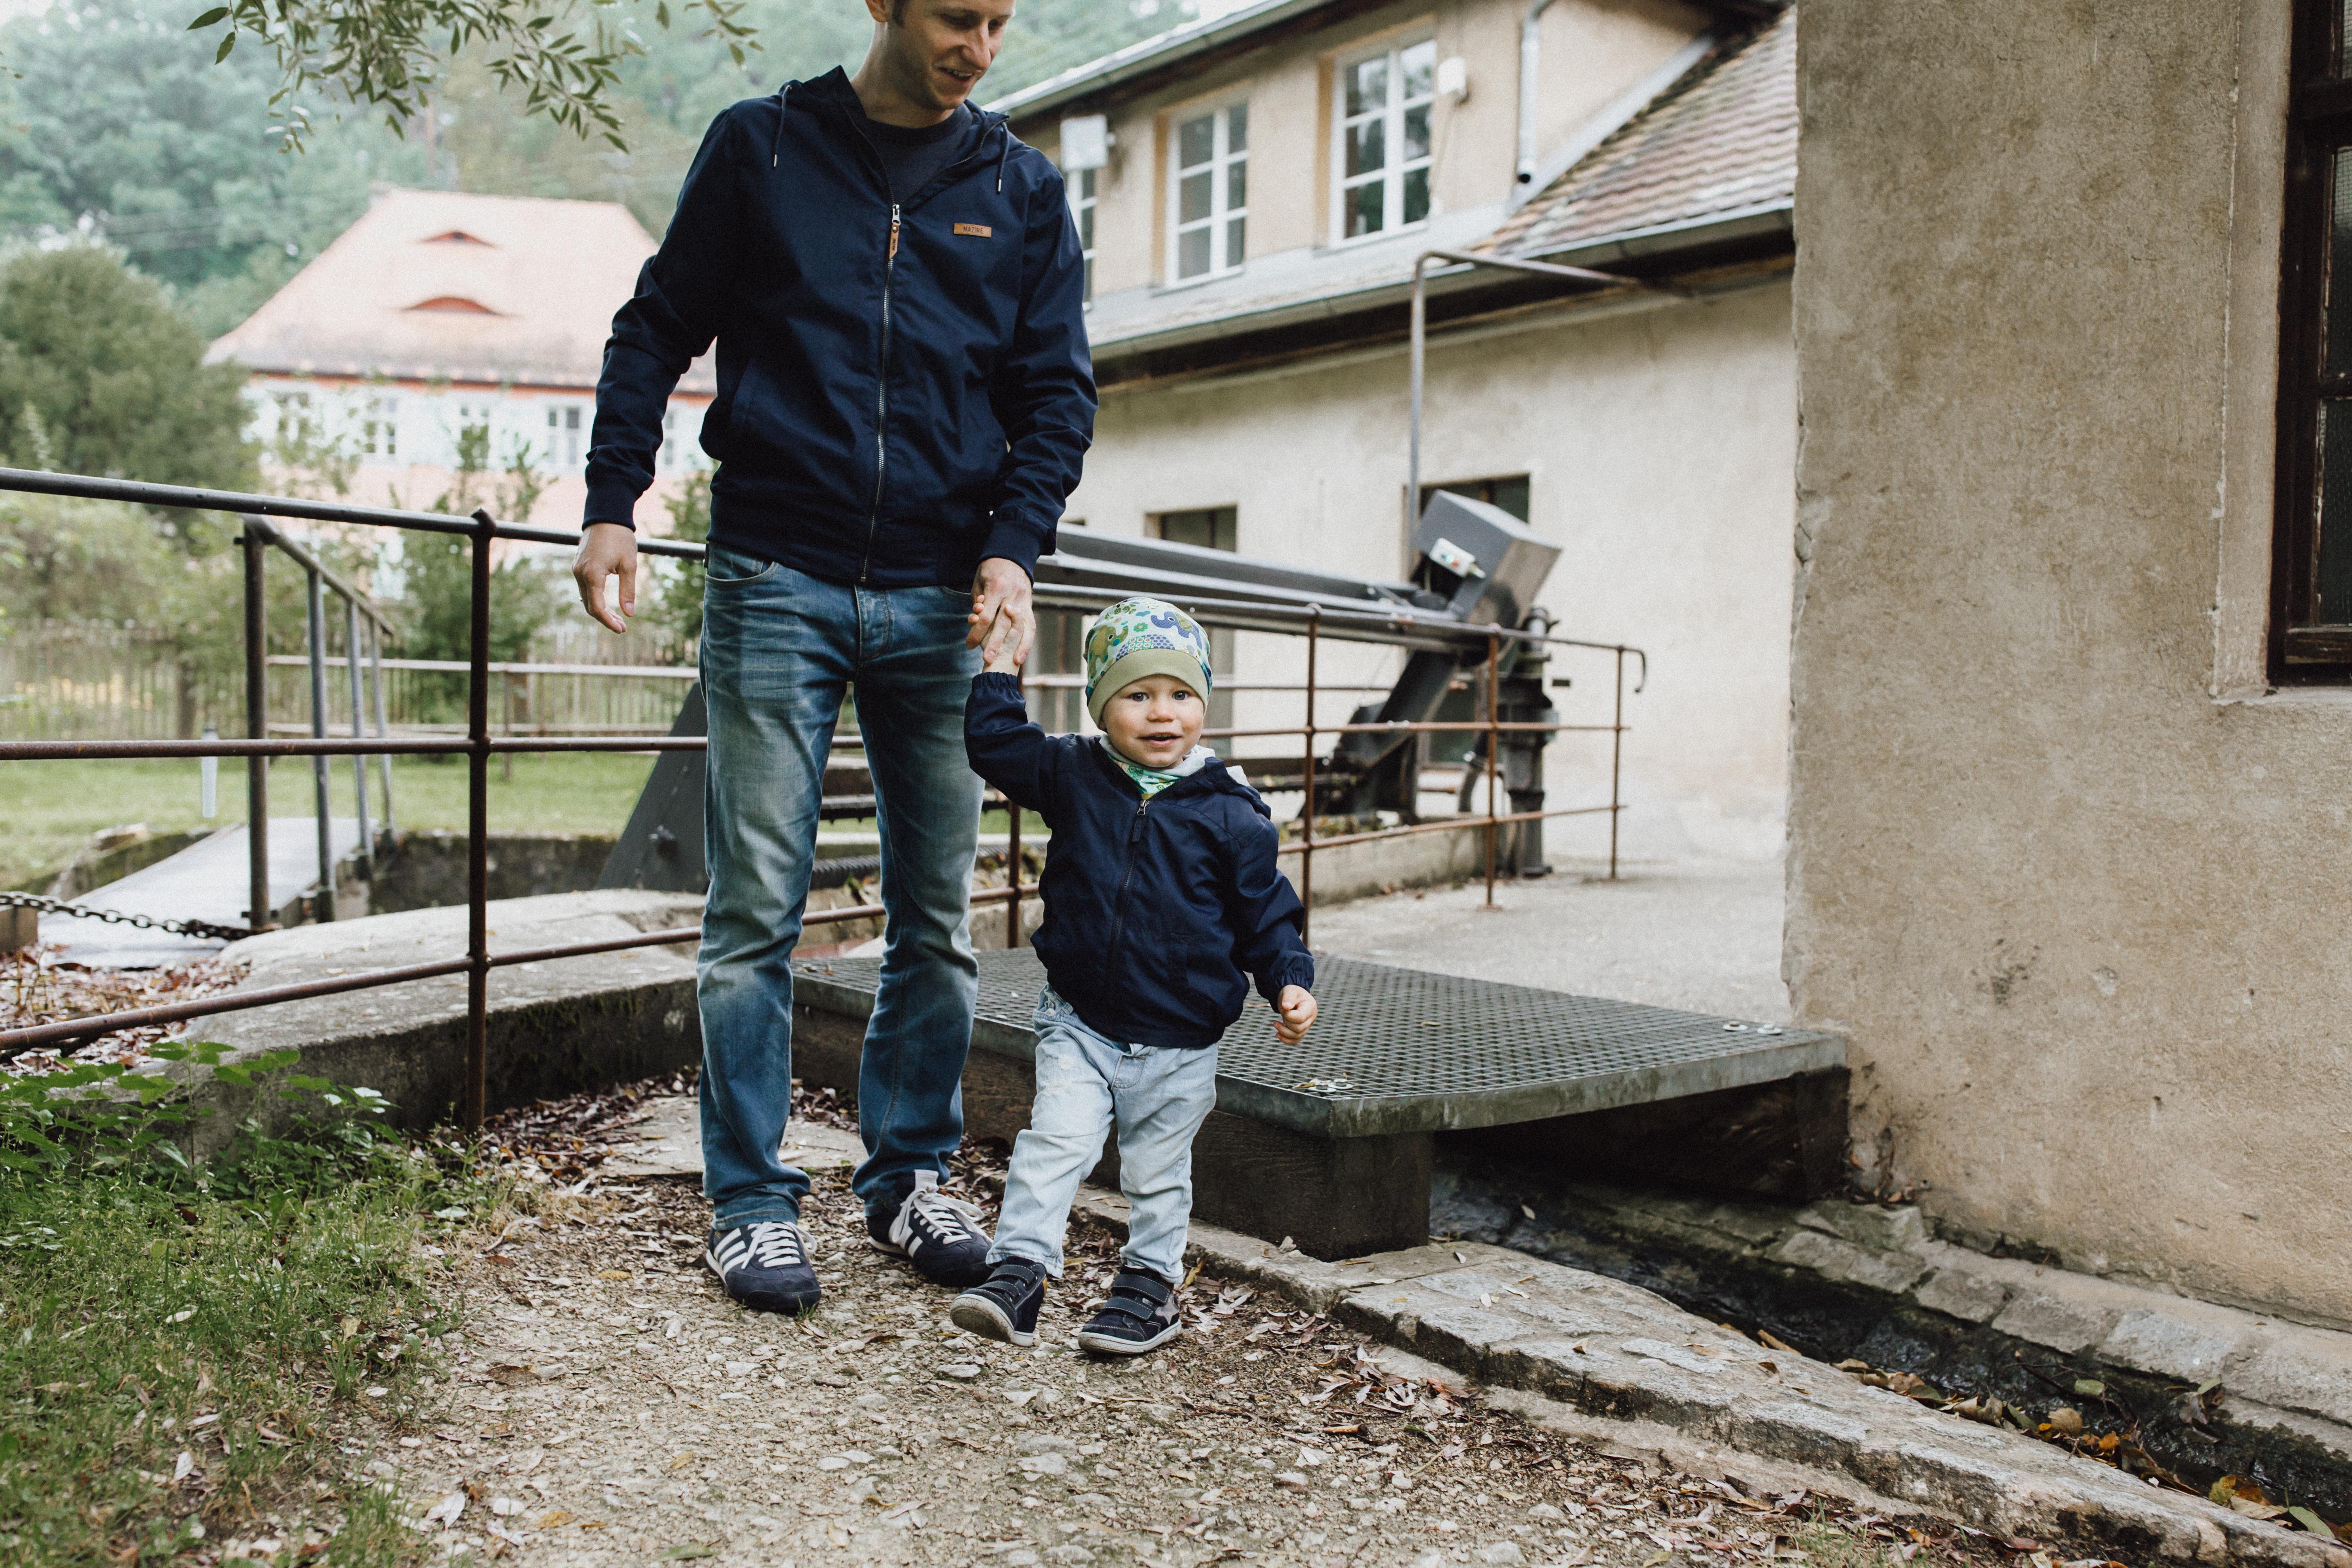 URBANERIE_Daniela_Goth_Fotografin_Nürnberg_Fürth_Erlangen_Schwabach_17902_001_0004